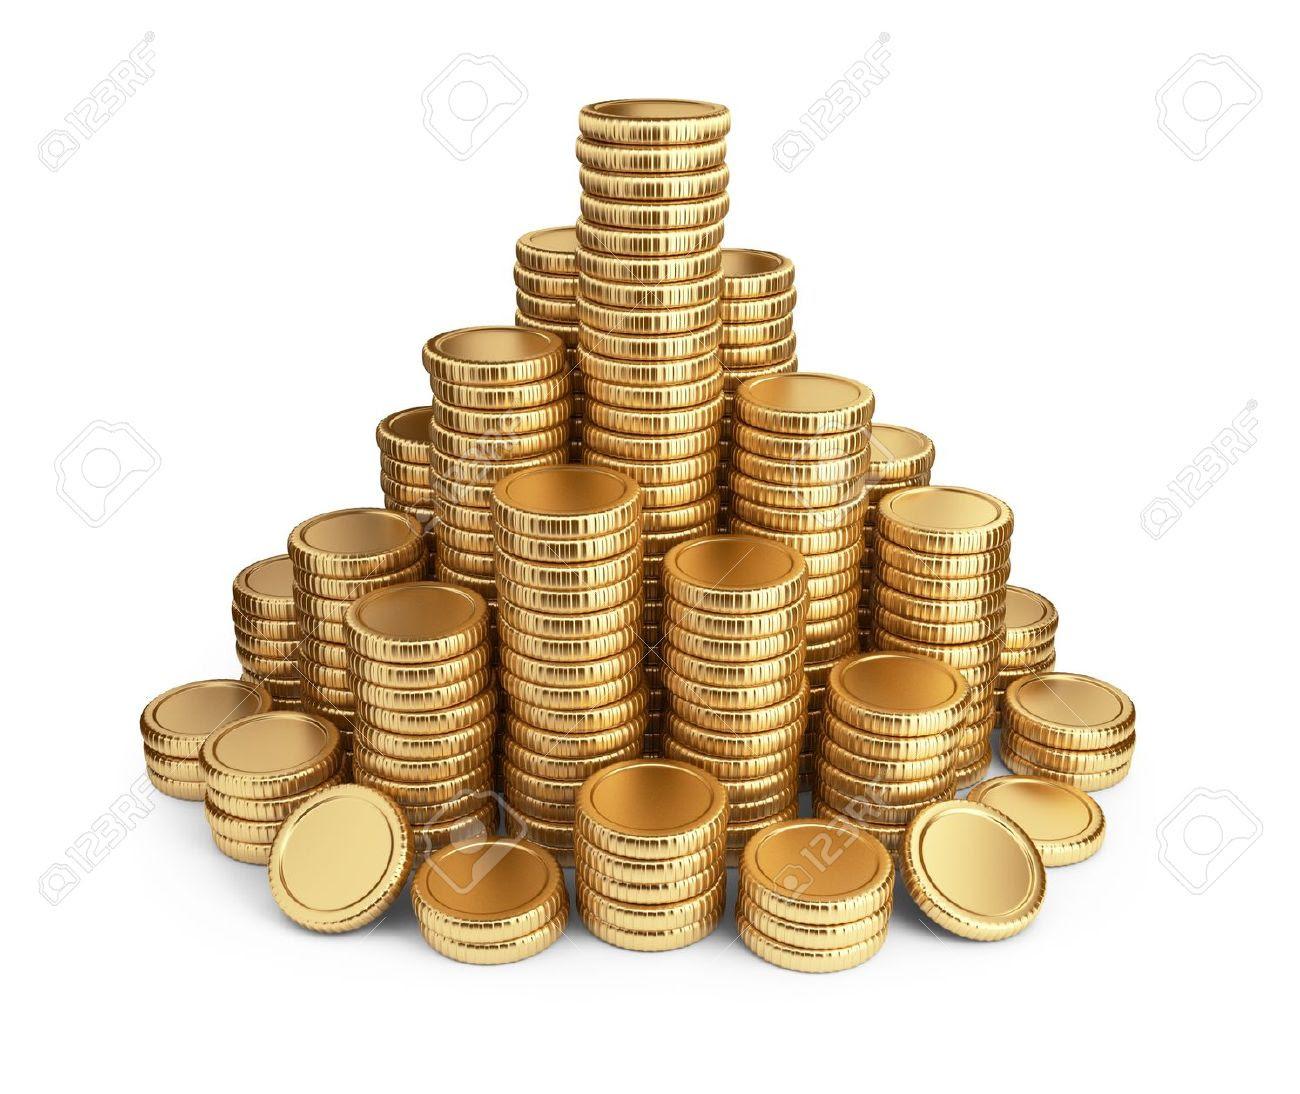 Αποτέλεσμα εικόνας για COINS